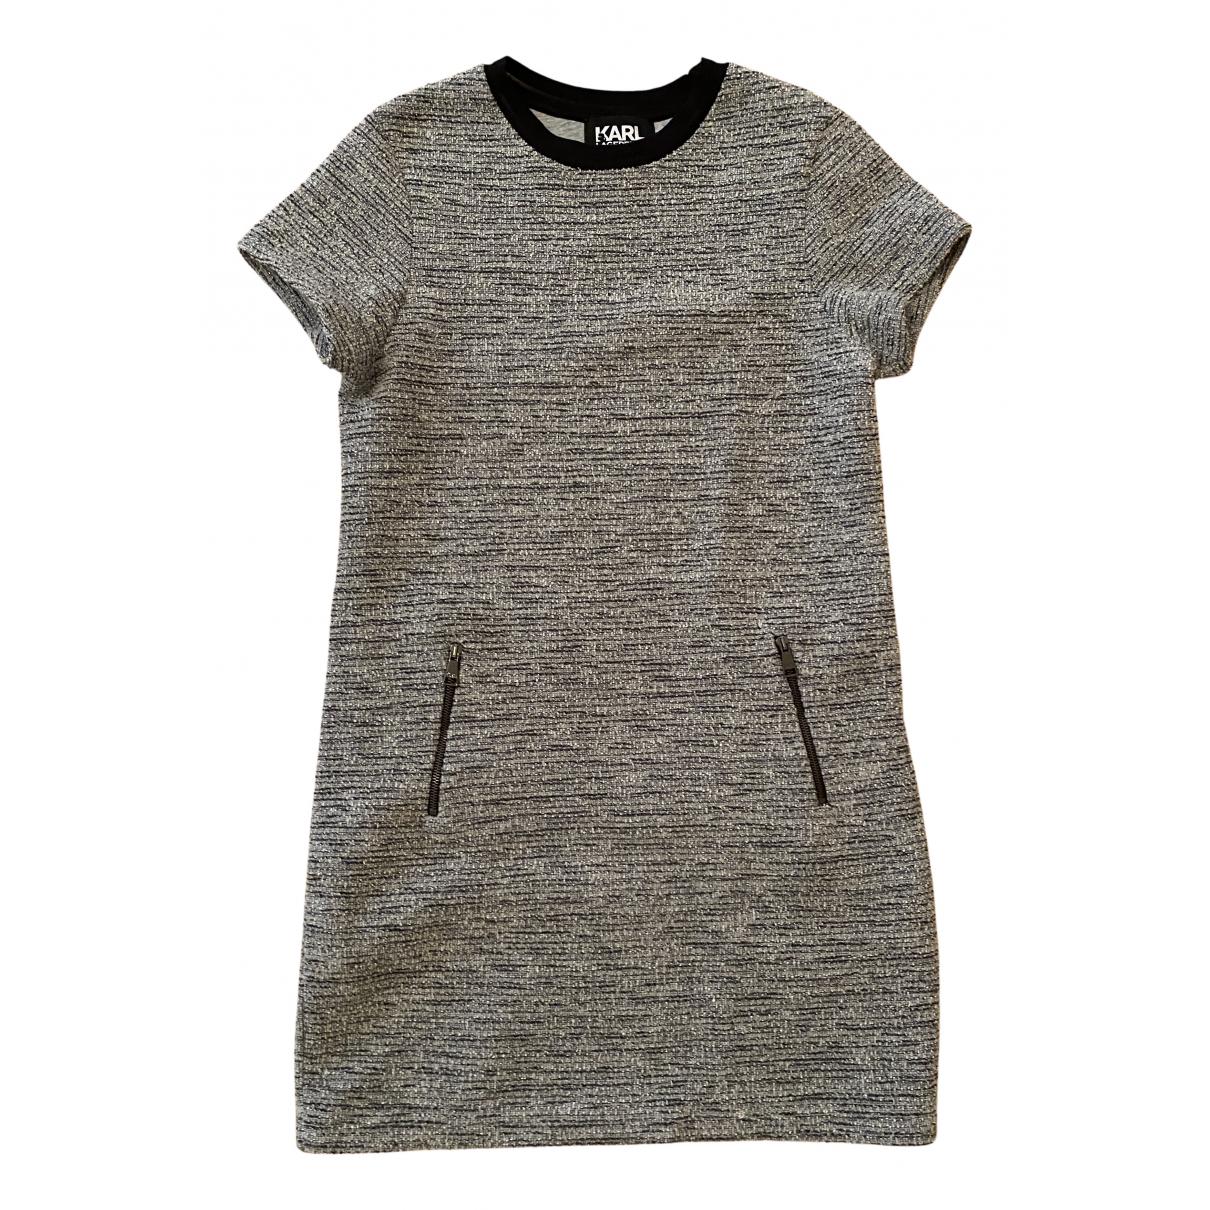 Karl Lagerfeld - Robe   pour femme en coton - elasthane - gris